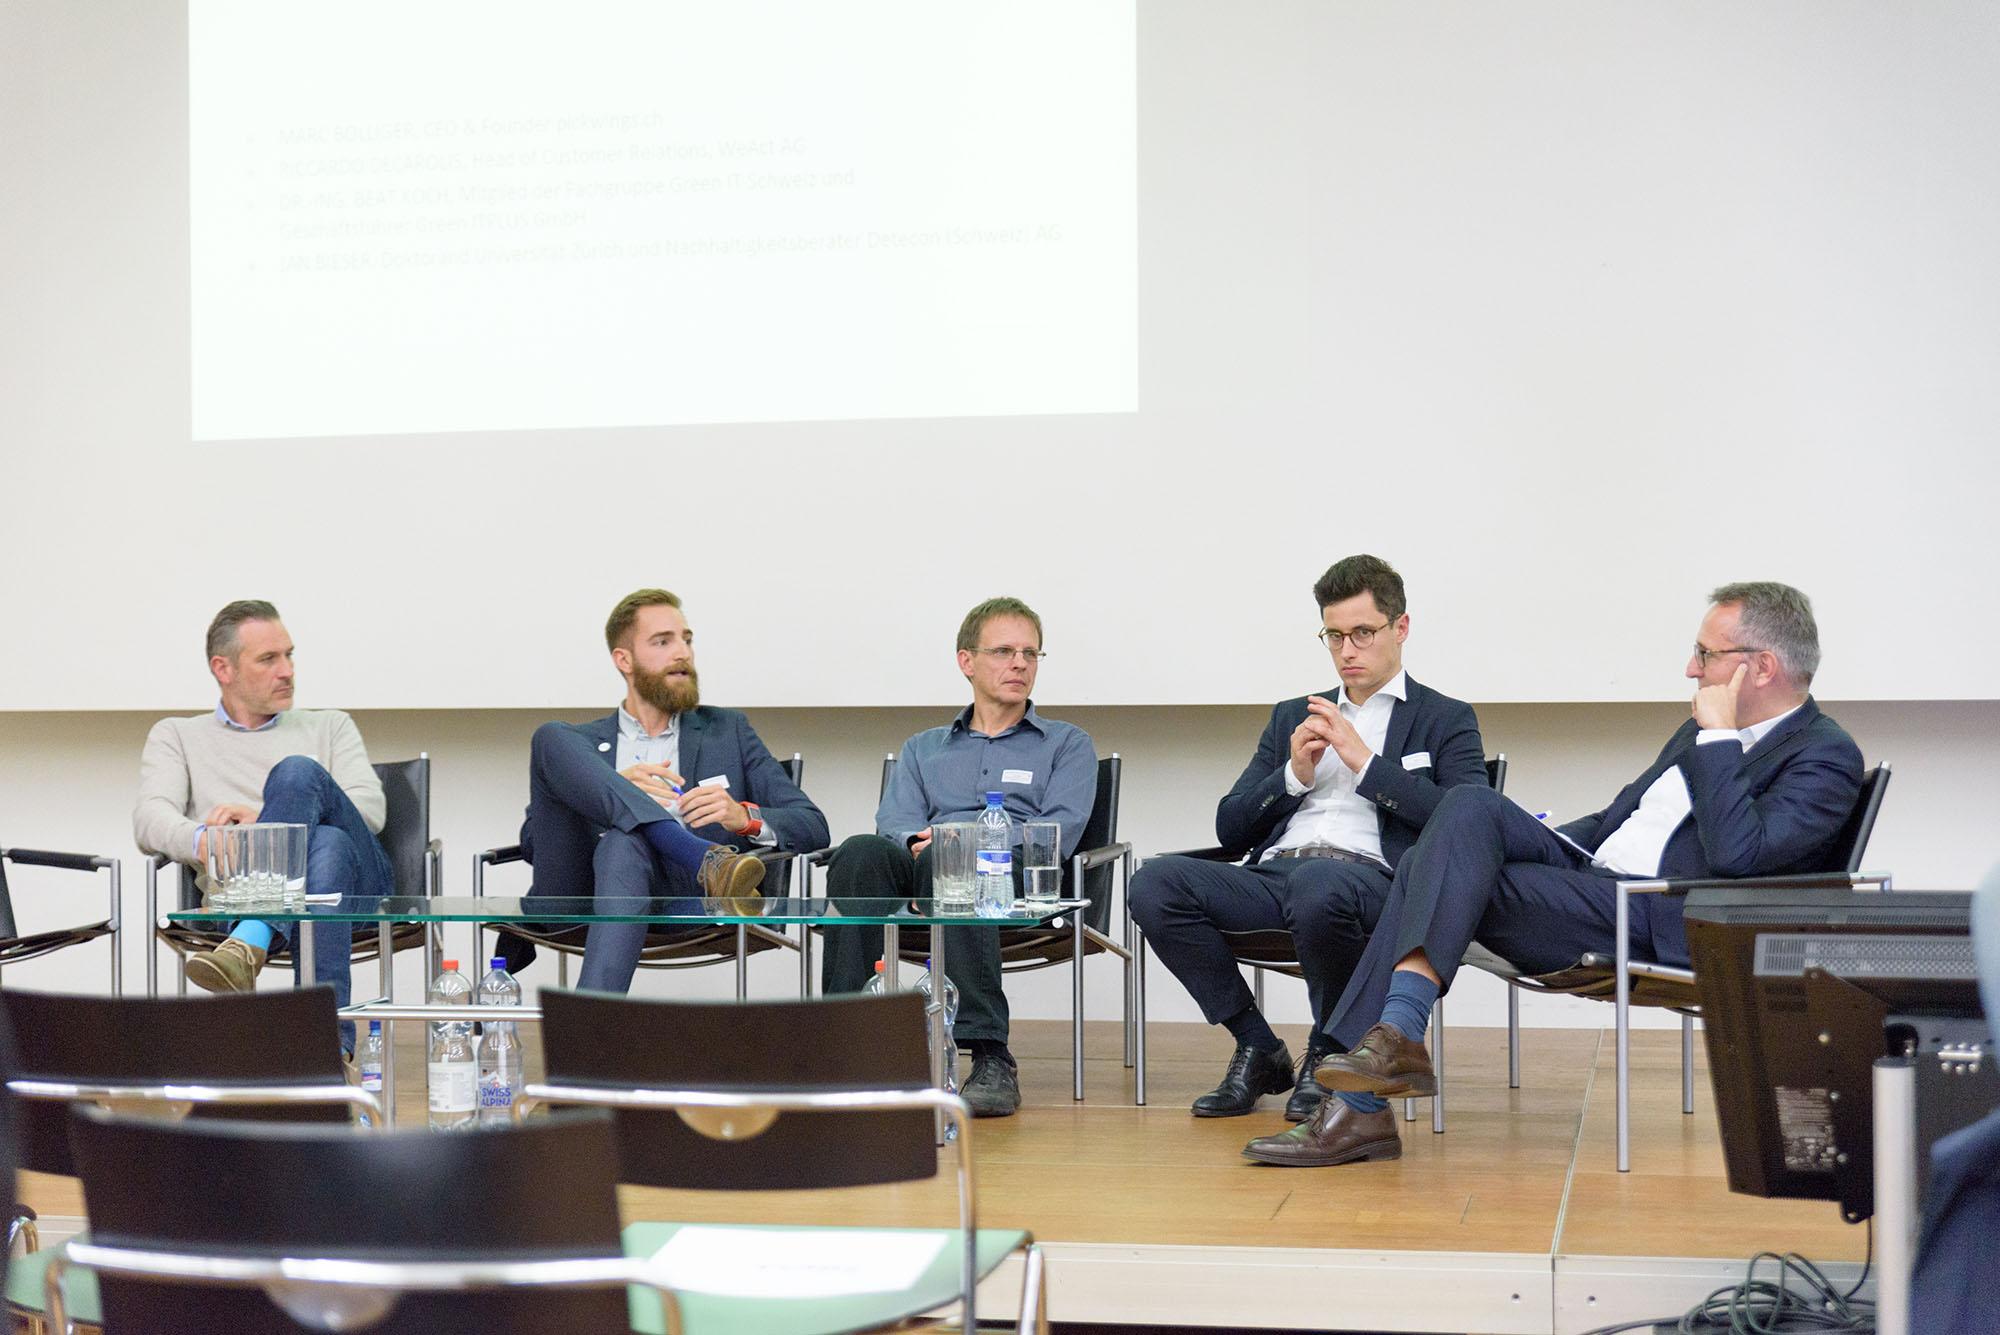 Marc Bolliger, Riccardo Decarolis, Beat Koch, Jan Bieser, Dirk Schäfer